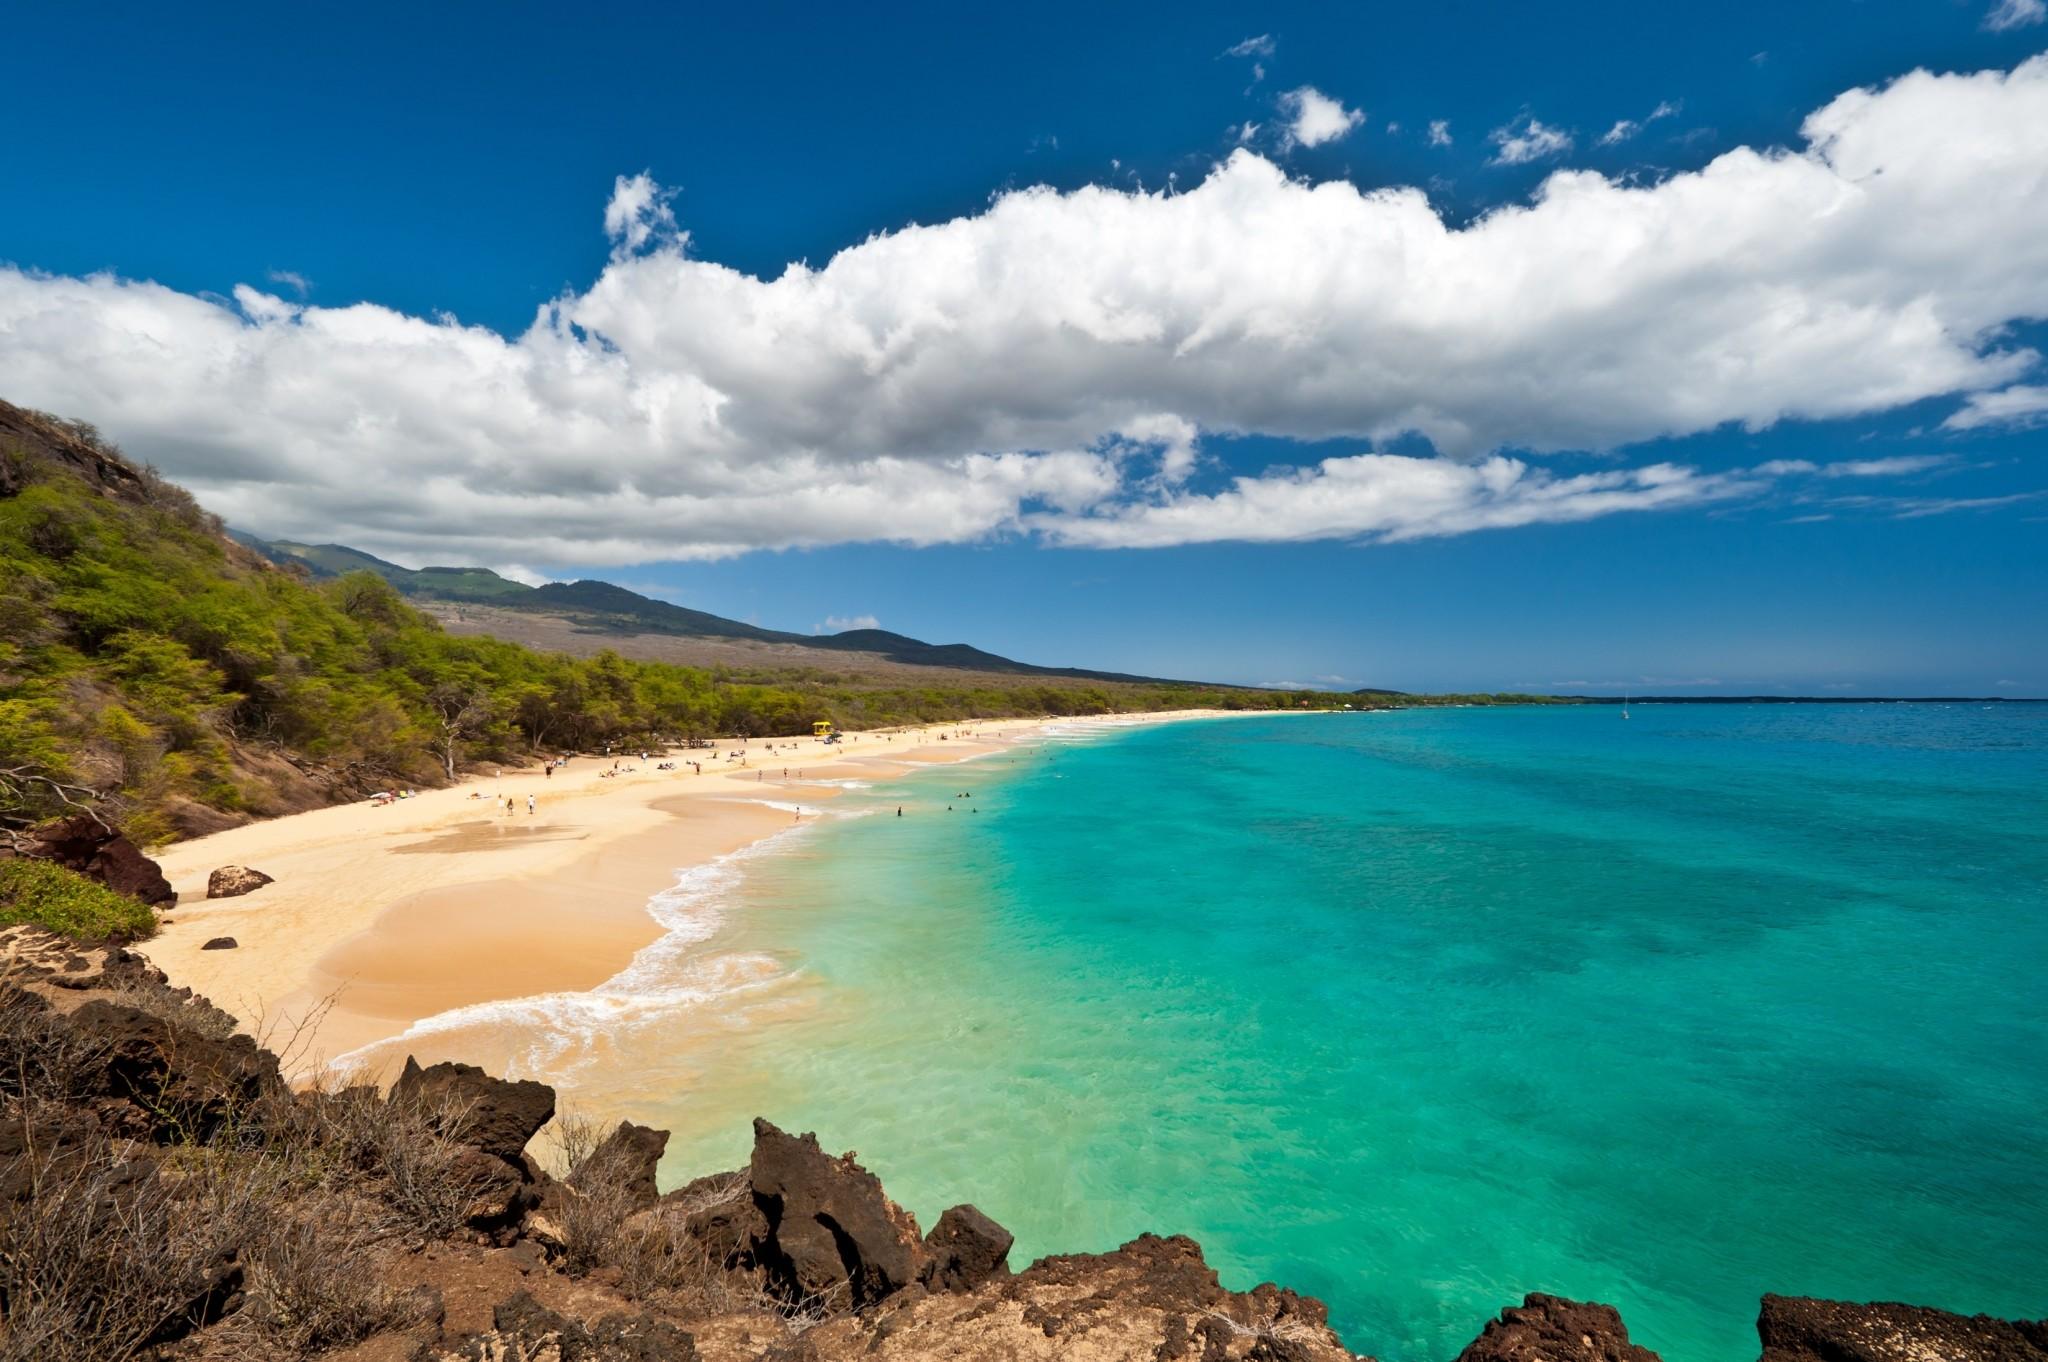 Wallpapersafari: Hawaii Desktop Wallpaper ·①